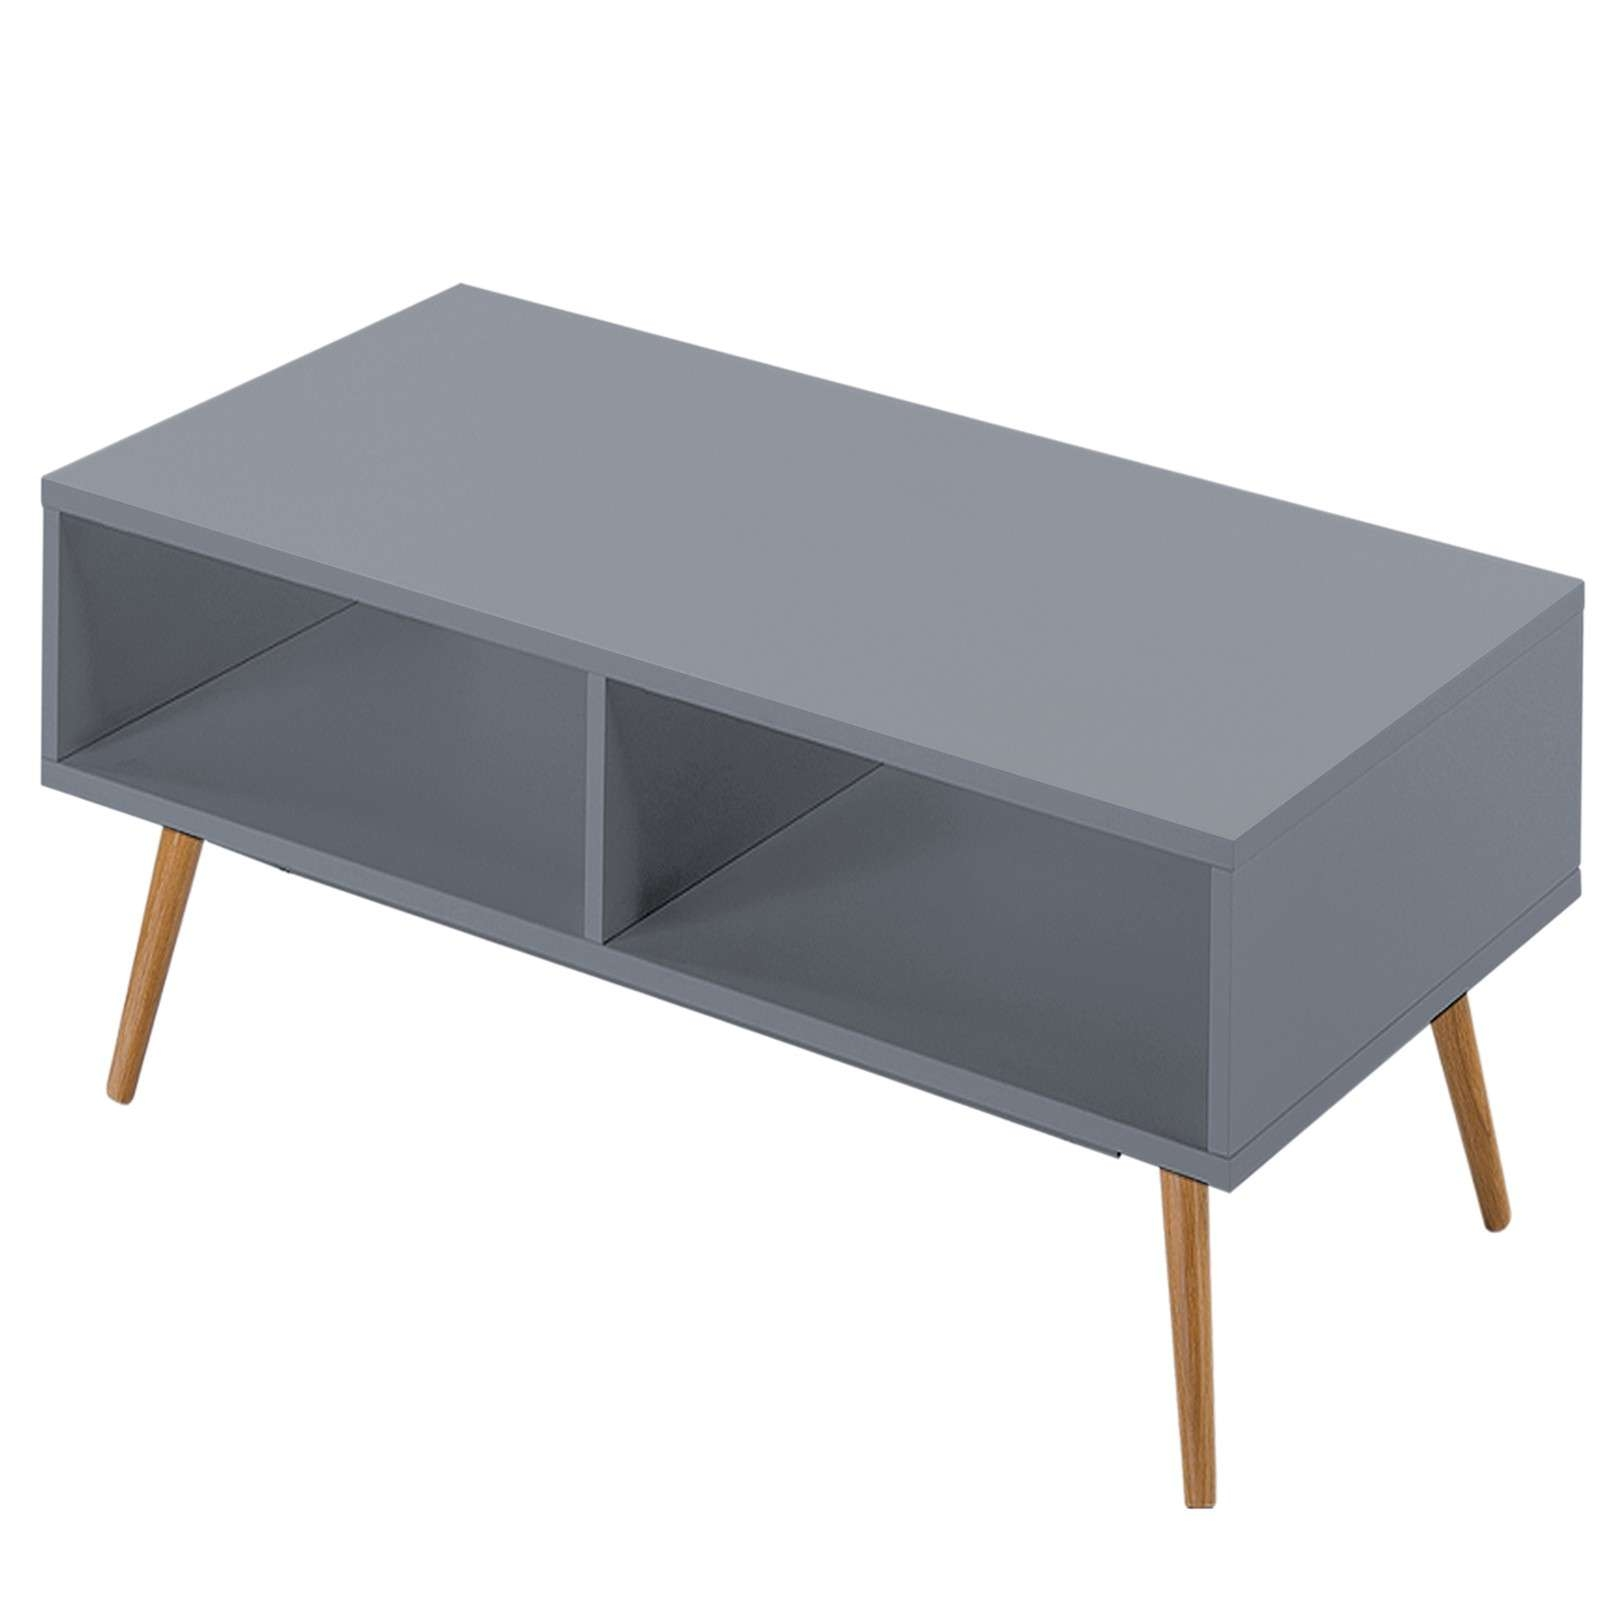 Scandinavian Modern Tv Stand From Abreo Abreo Home Furniture Regarding Scandinavian Tv Stands (View 7 of 15)